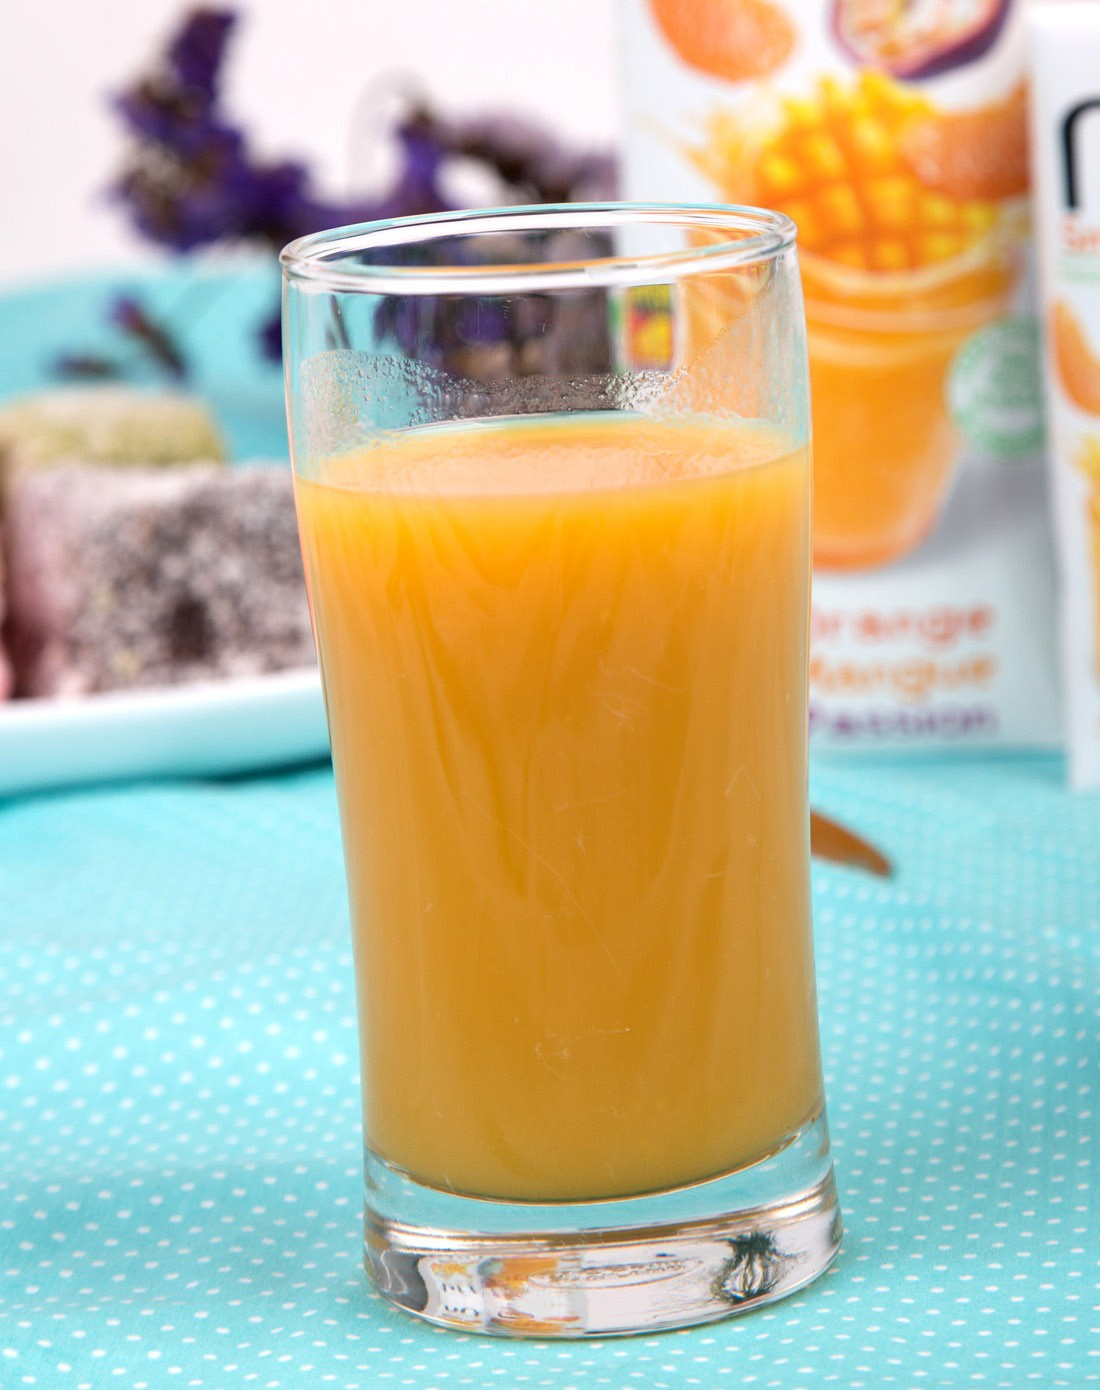 纳悠 水果思慕雪混合果汁(橙子,芒果,热情果味)1l